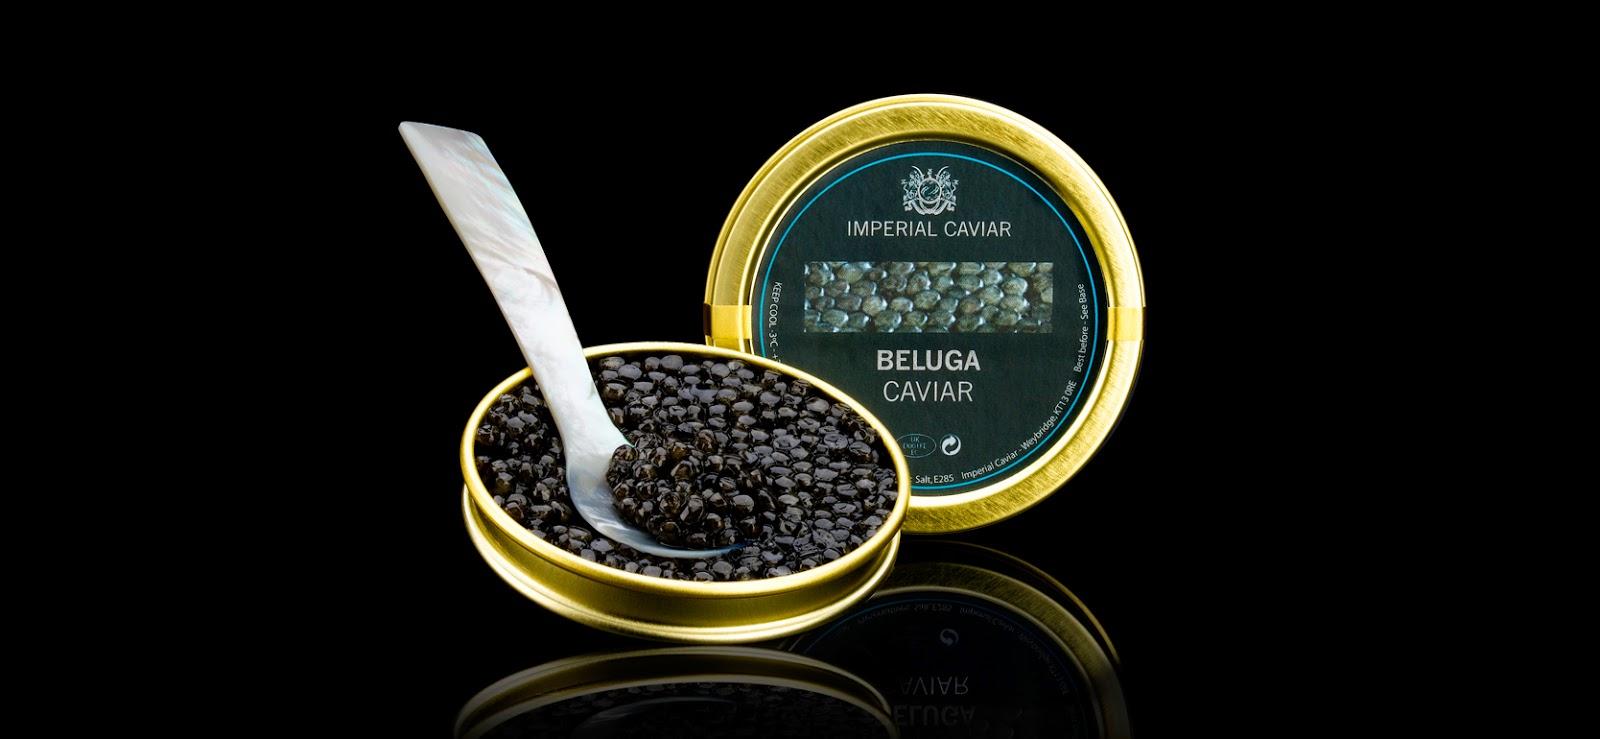 """<img src=""""http://4.bp.blogspot.com/-6QVYiV23P54/U6HAJcuTUZI/AAAAAAAAARU/PJuGzjQmWpk/s1600/Imperial-Caviar-Beluga-Caviar-50g.jpg"""" alt=""""Most Expensive Food in the World"""" />"""